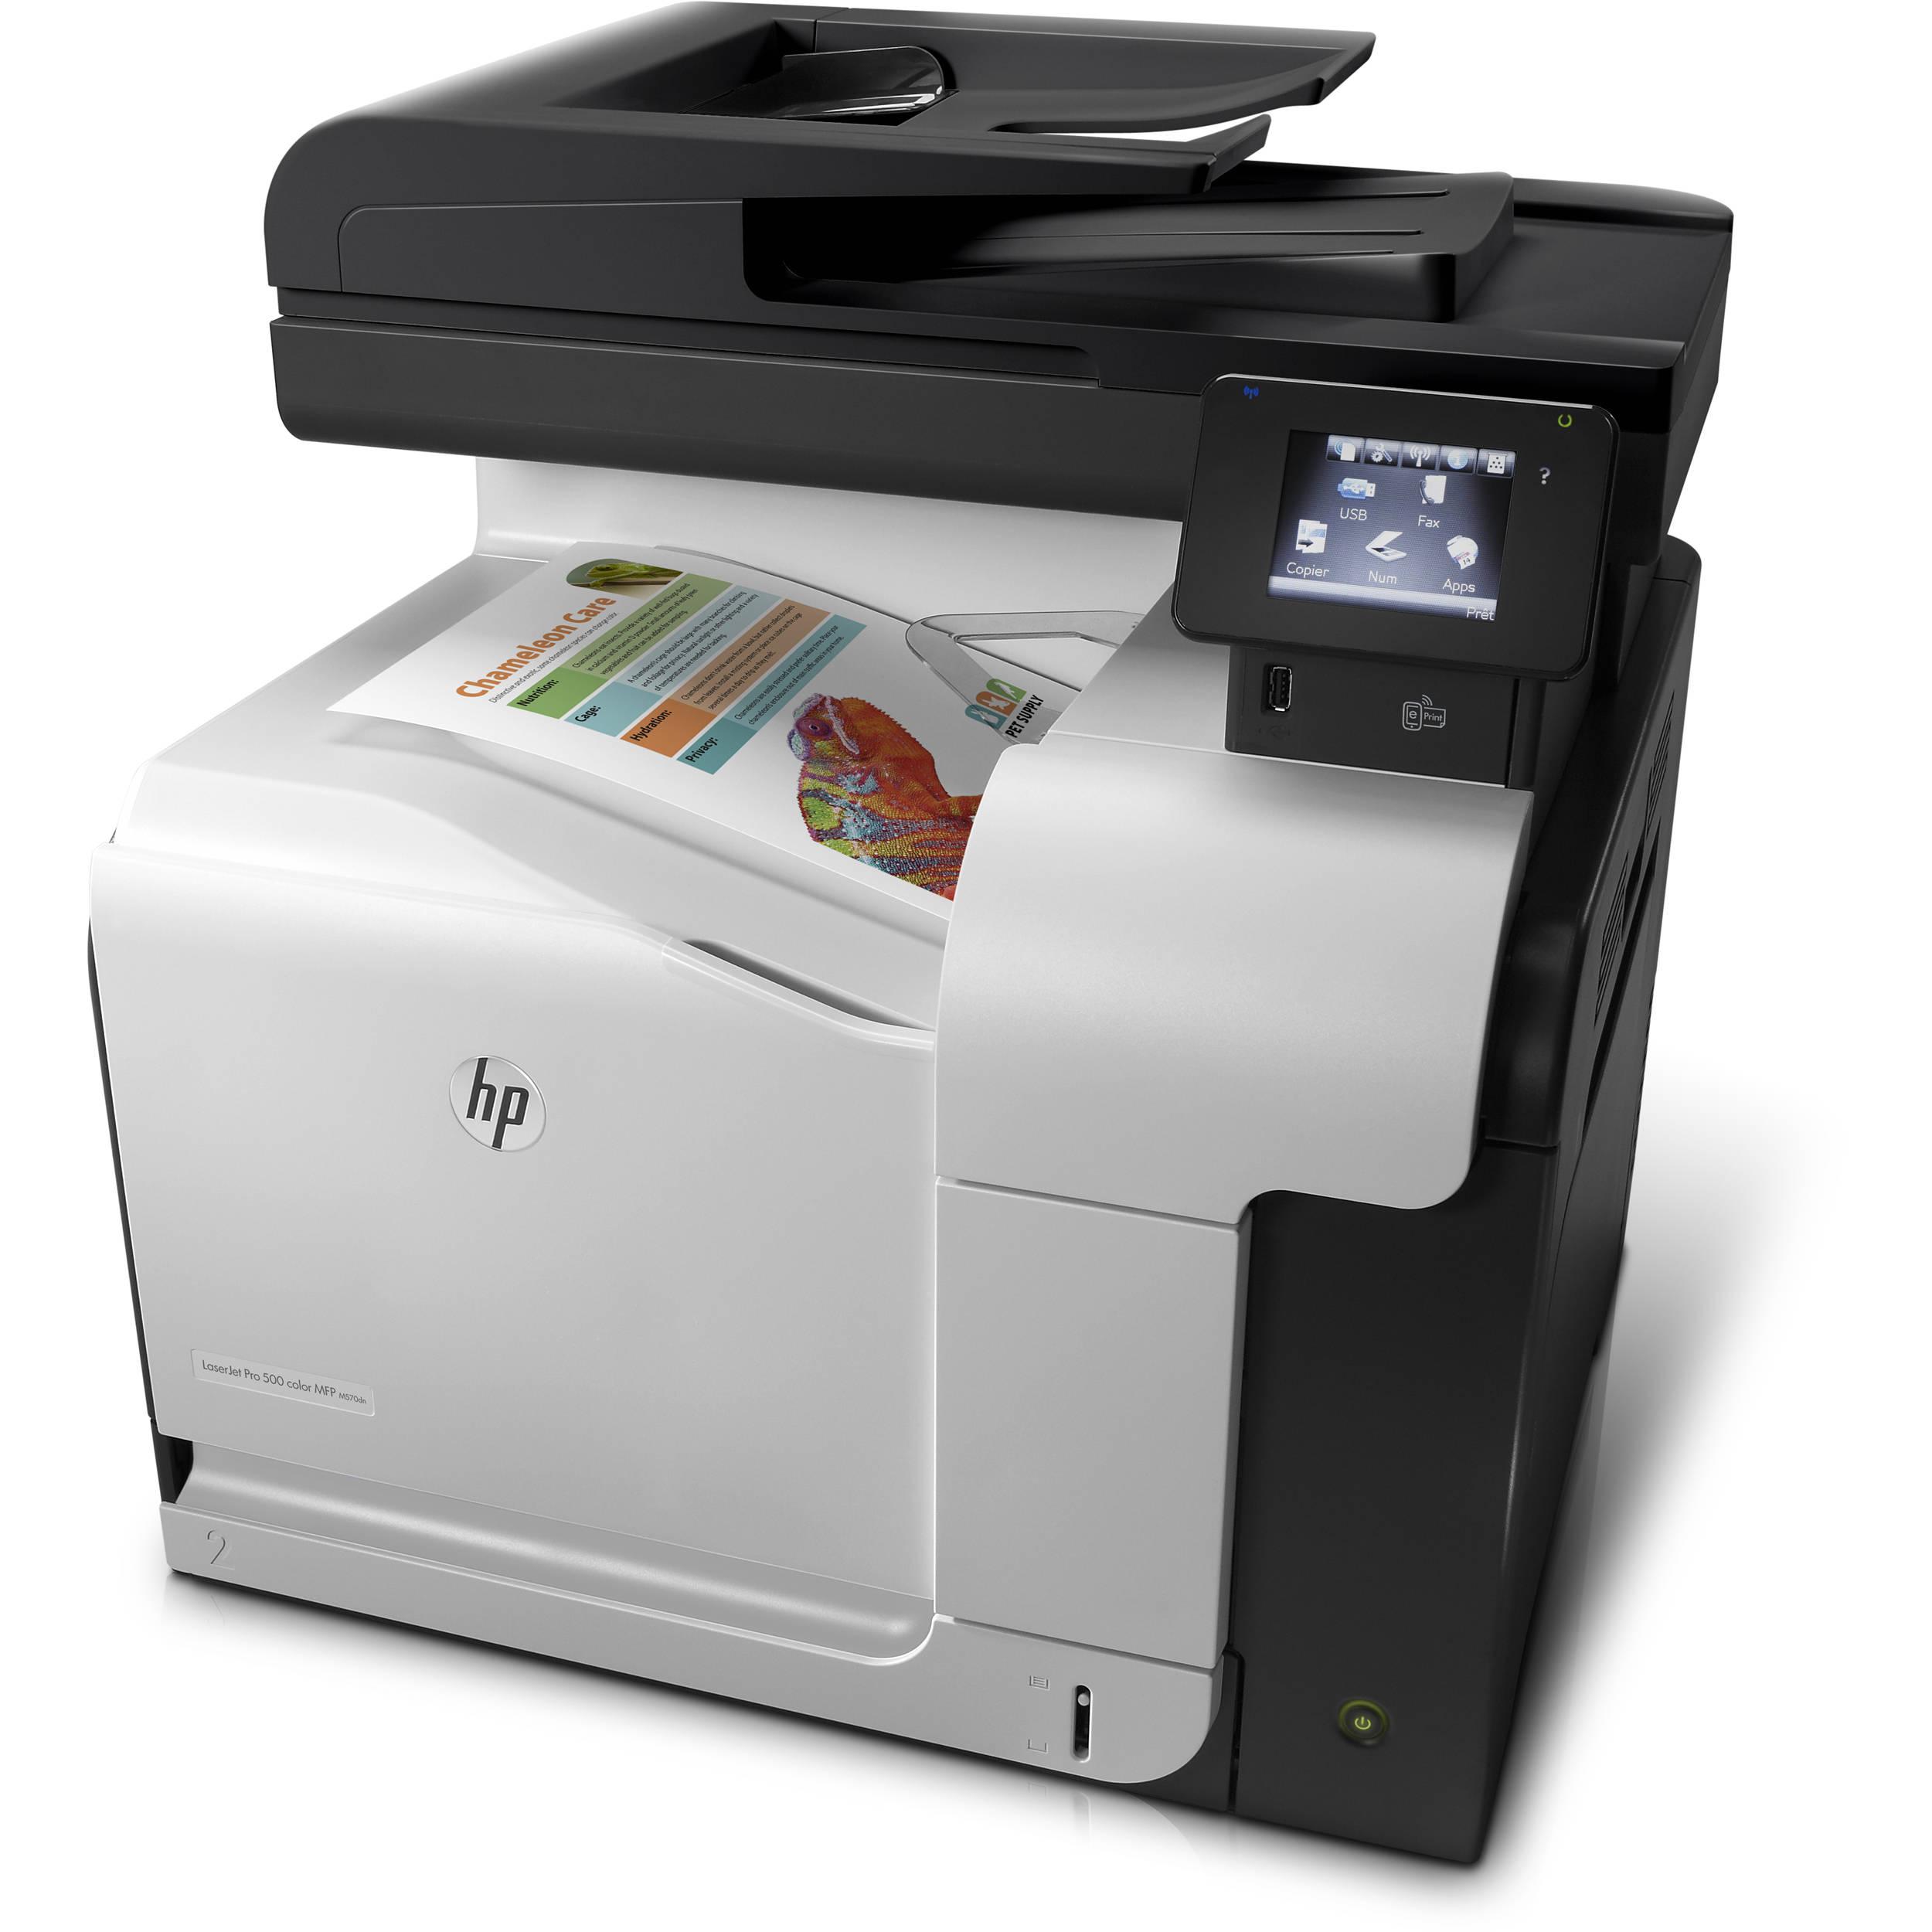 hp-laserjet-pro-500-colour-mfp-m570dn